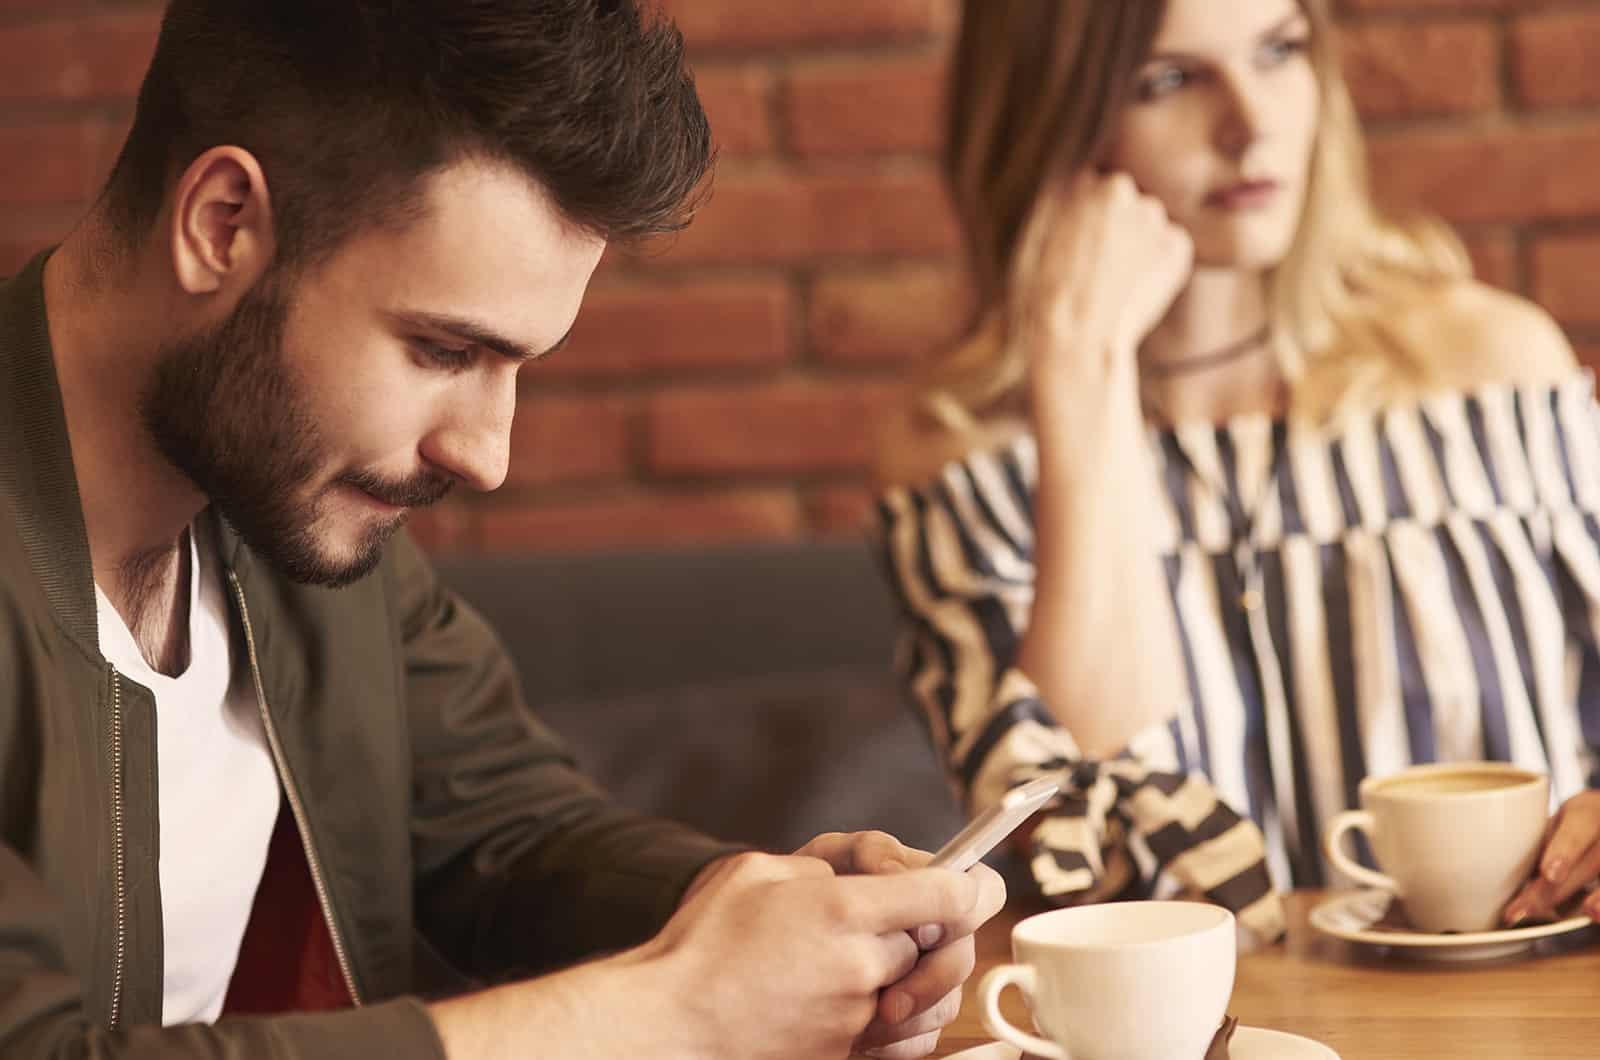 Mann mit Smartphone beim Sitzen mit einer Frau im Café